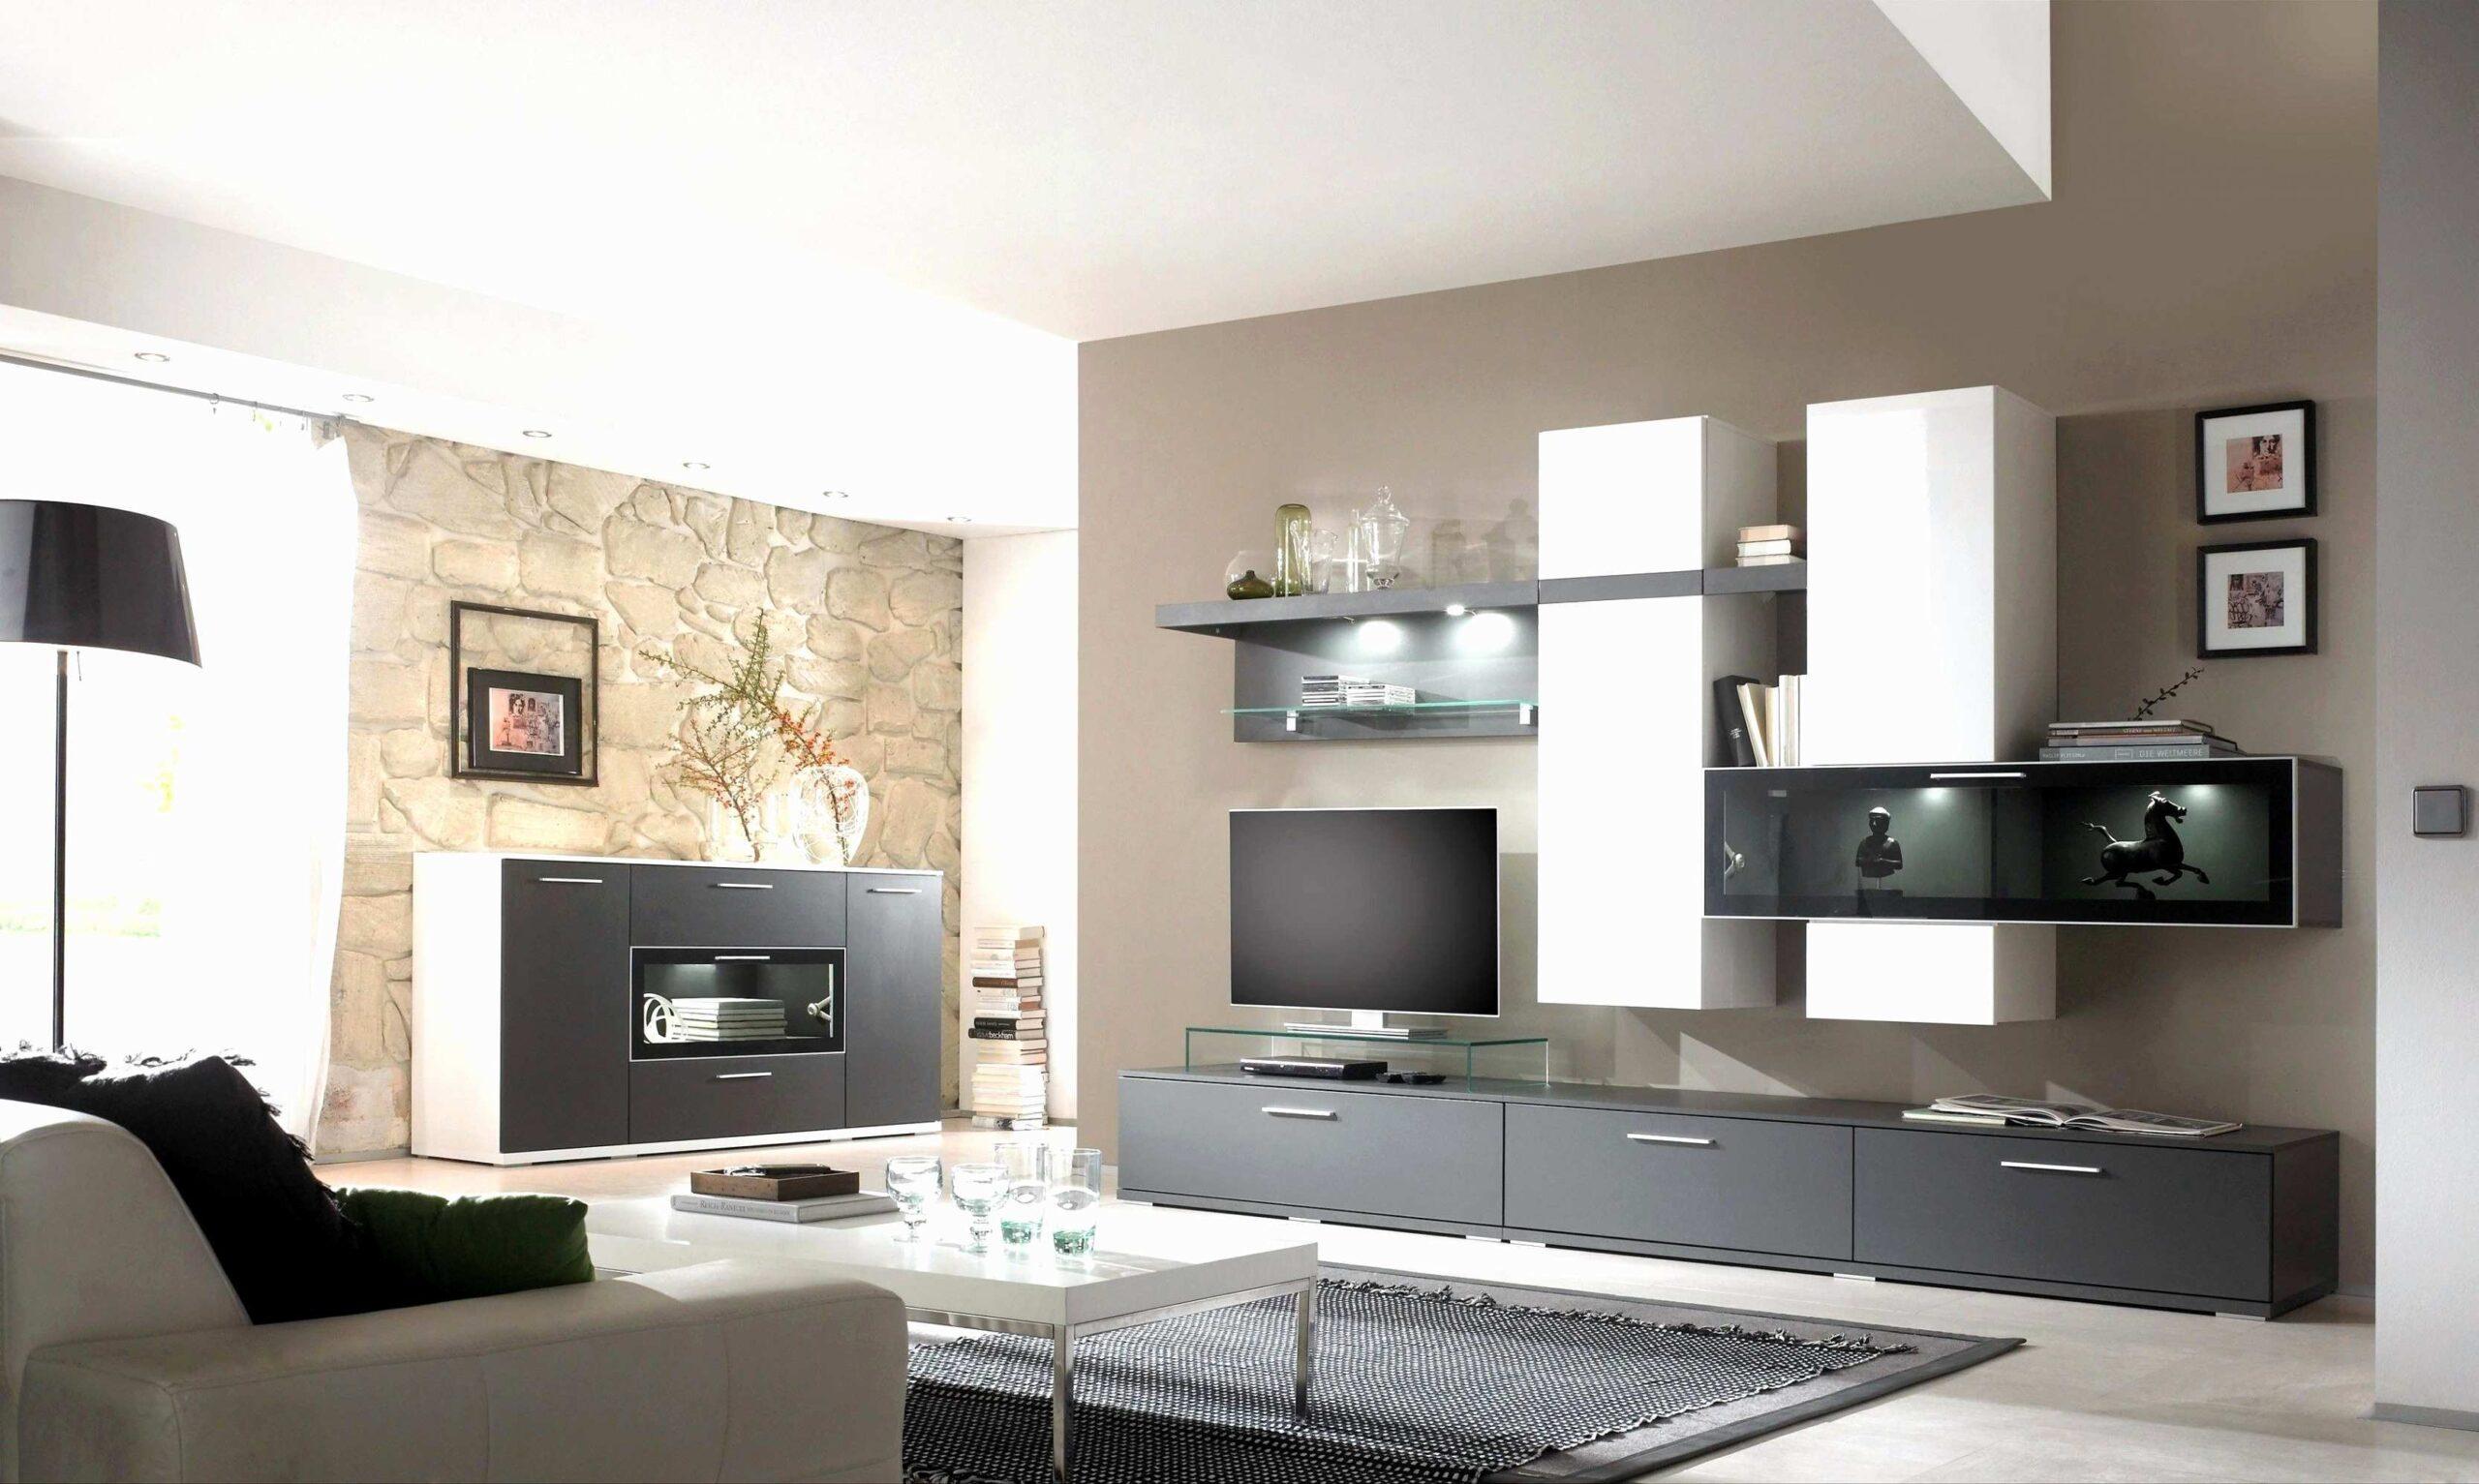 Full Size of Wohnzimmer Ideen Einrichten Farben Inspirierend 45 Luxus Von Im Rollo Landhausstil Indirekte Beleuchtung Pendelleuchte Led Lampen Schrankwand Hängelampe Wohnzimmer Wohnzimmer Ideen